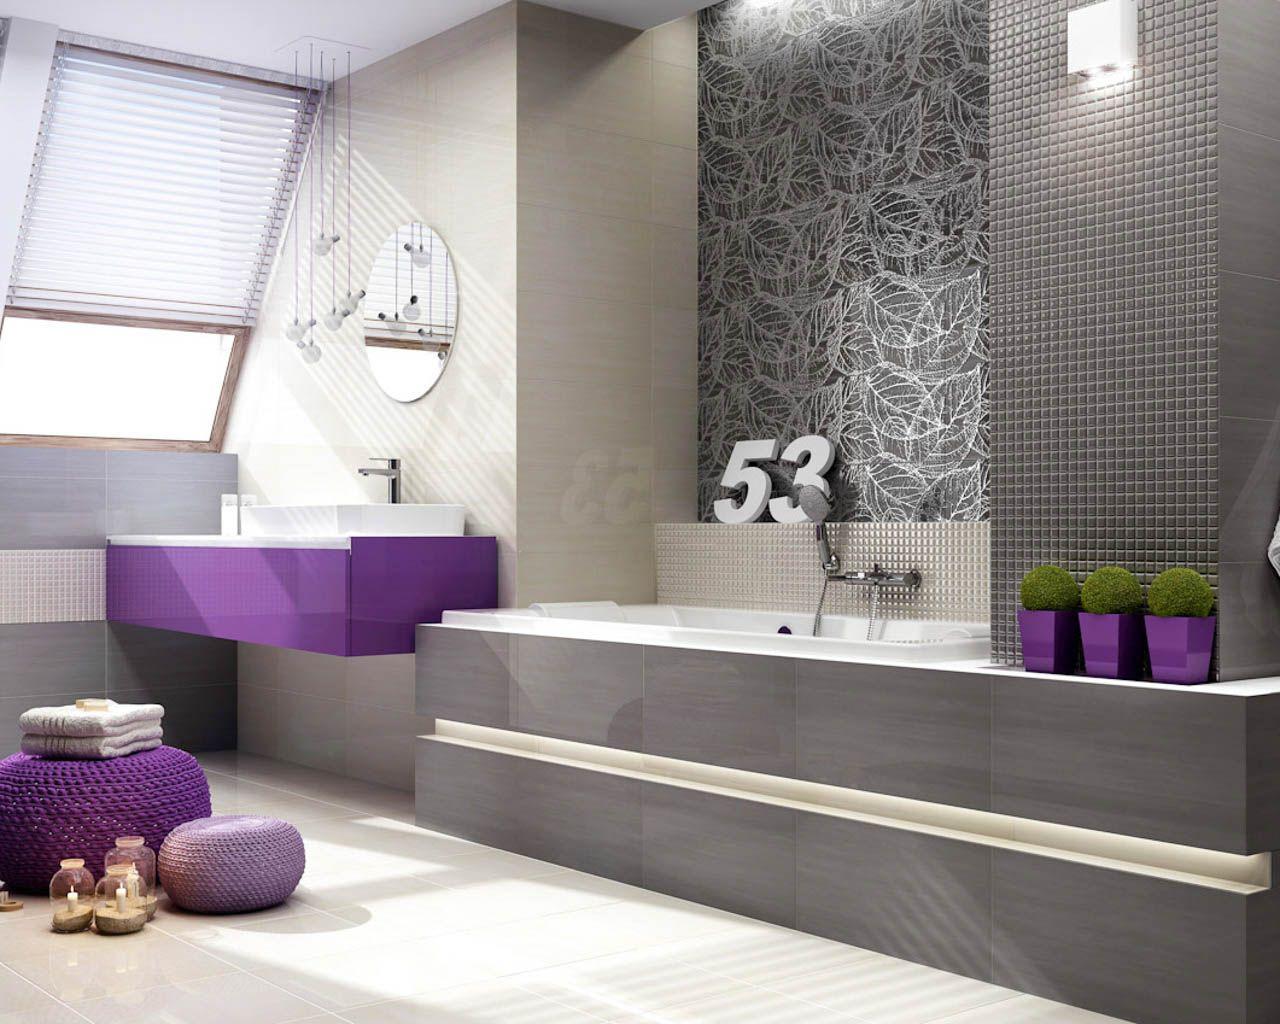 Grau-weißes Bad mit Schrägen und bunten Akzenten | Ceramika ...